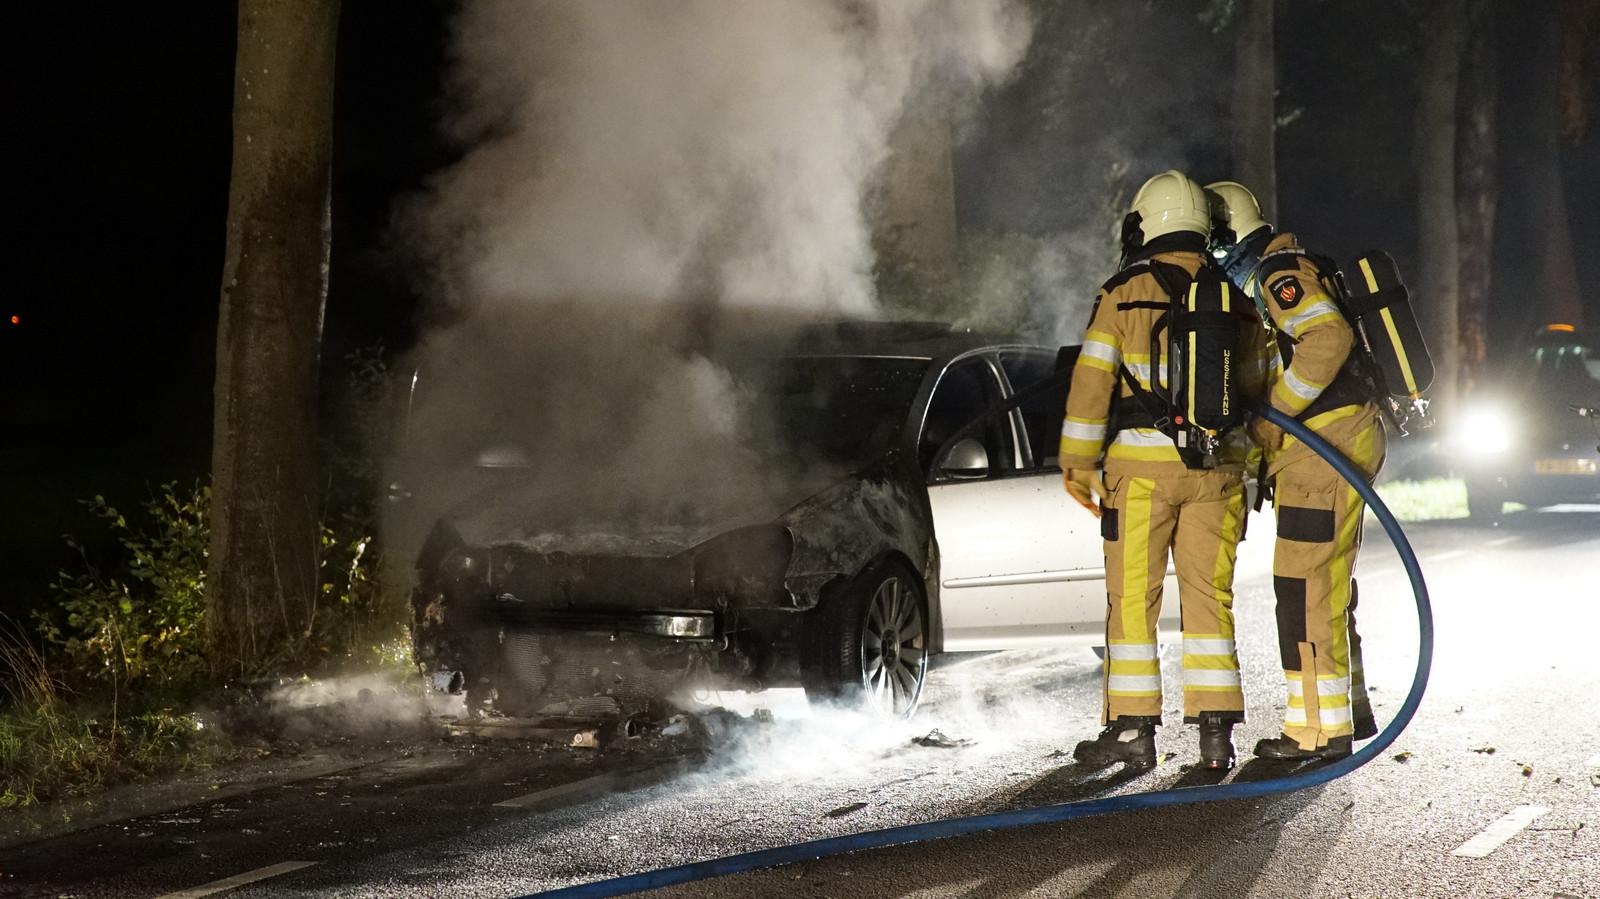 De auto zou plotseling onder de motorkap vlam hebben gevat.